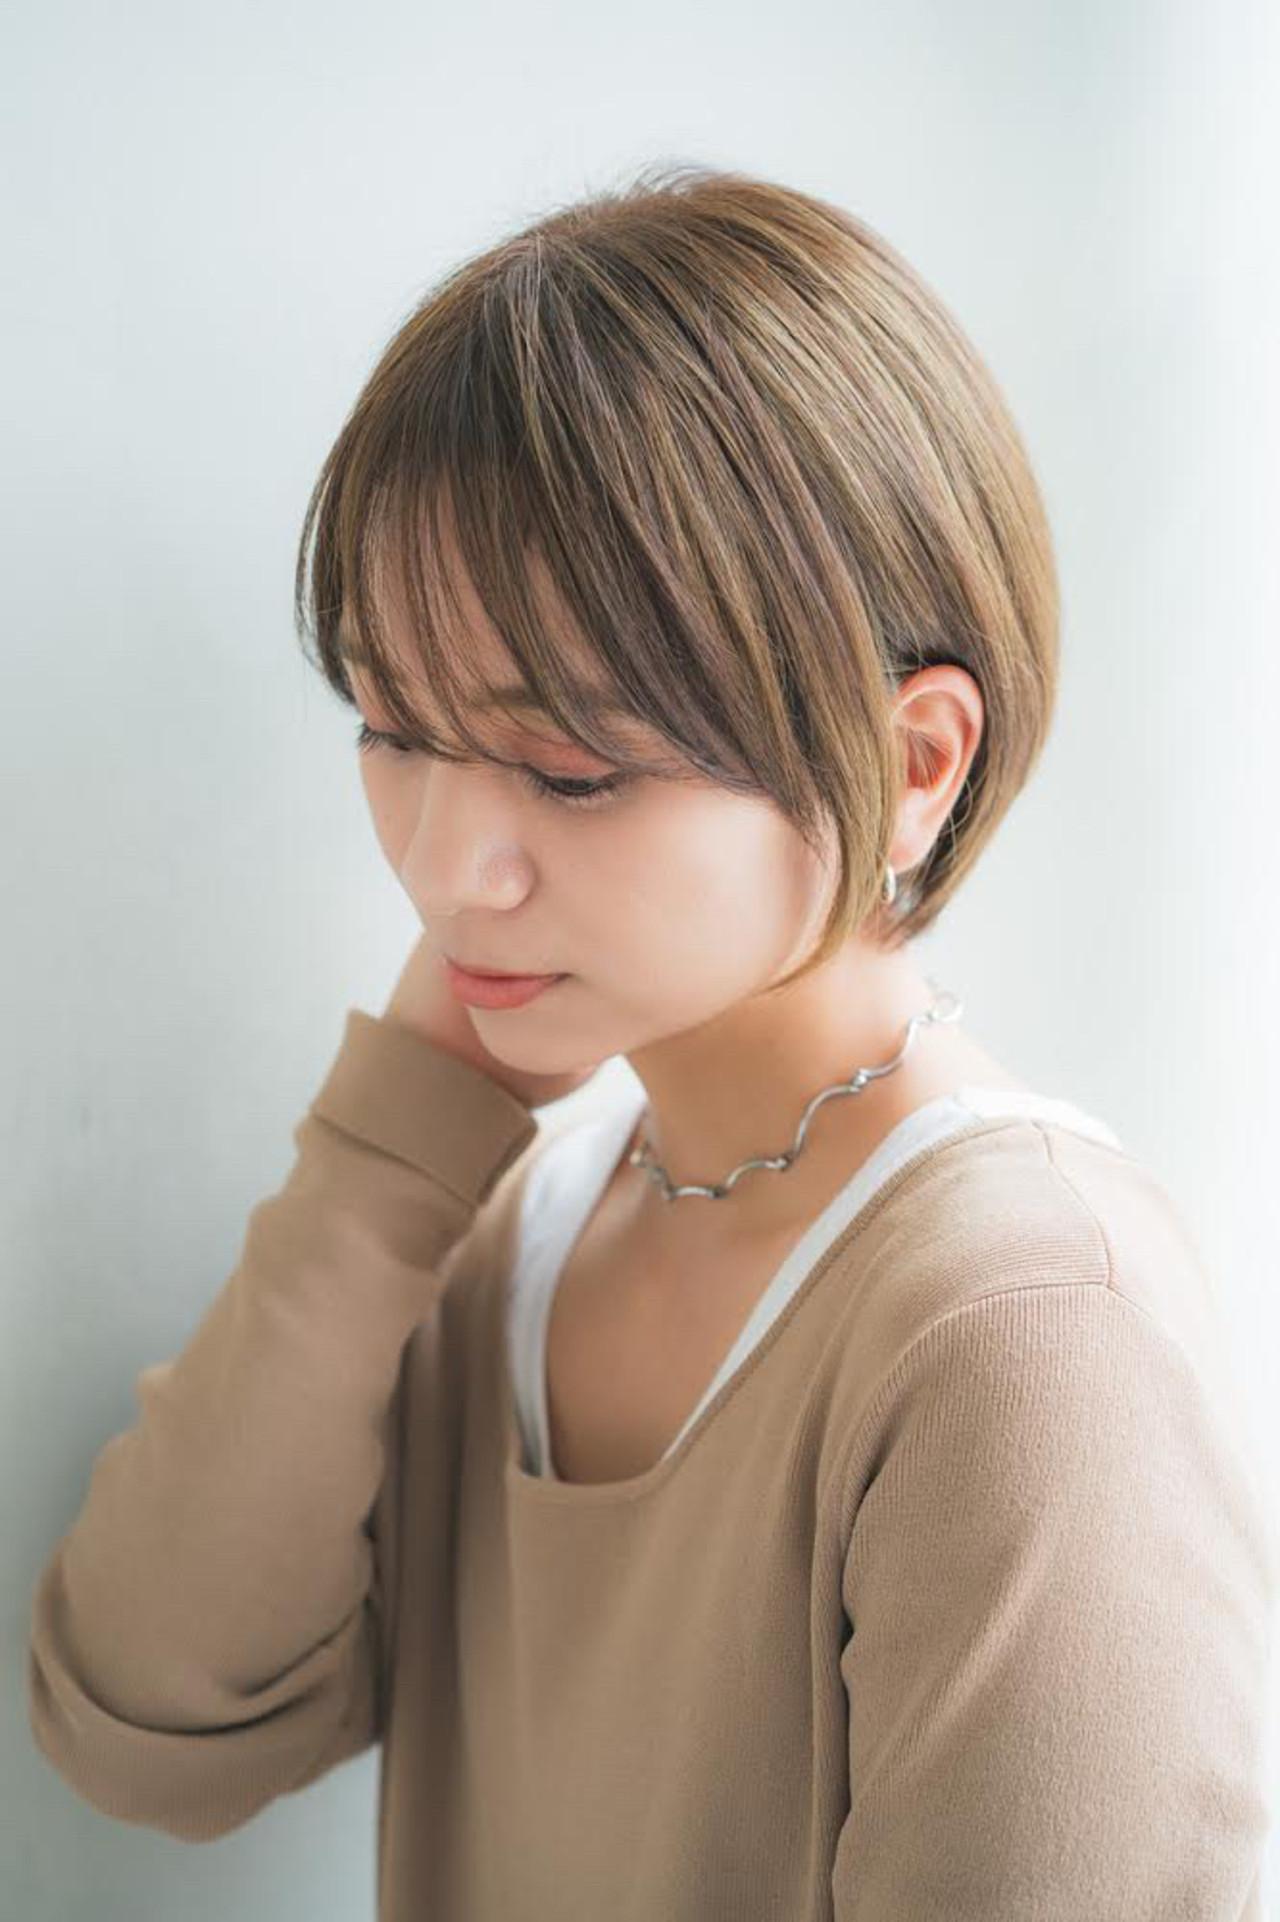 ショートボブ ミニボブ フェミニン ショートヘア ヘアスタイルや髪型の写真・画像